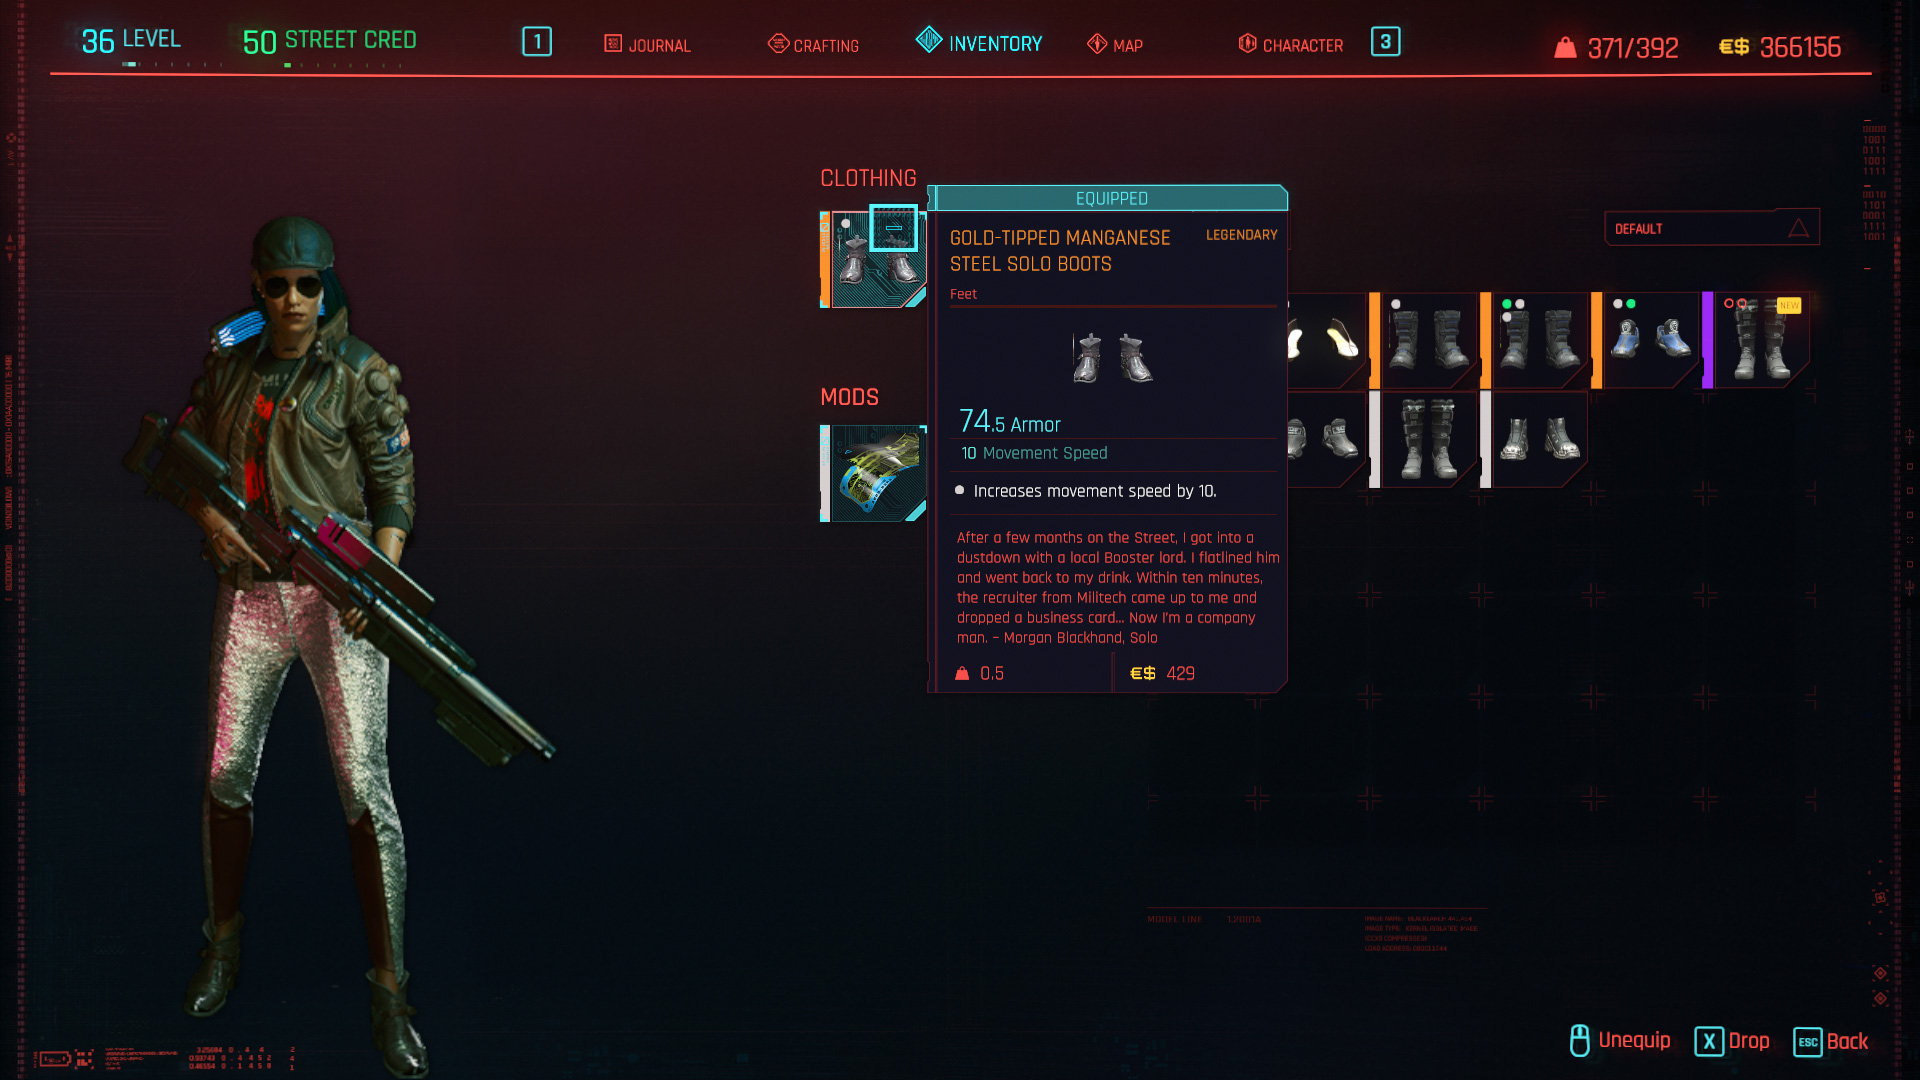 Tous les vêtements légendaires et emblématiques de Cyberpunk 2077 - Bottes solos en acier au manganèse à pointe dorée